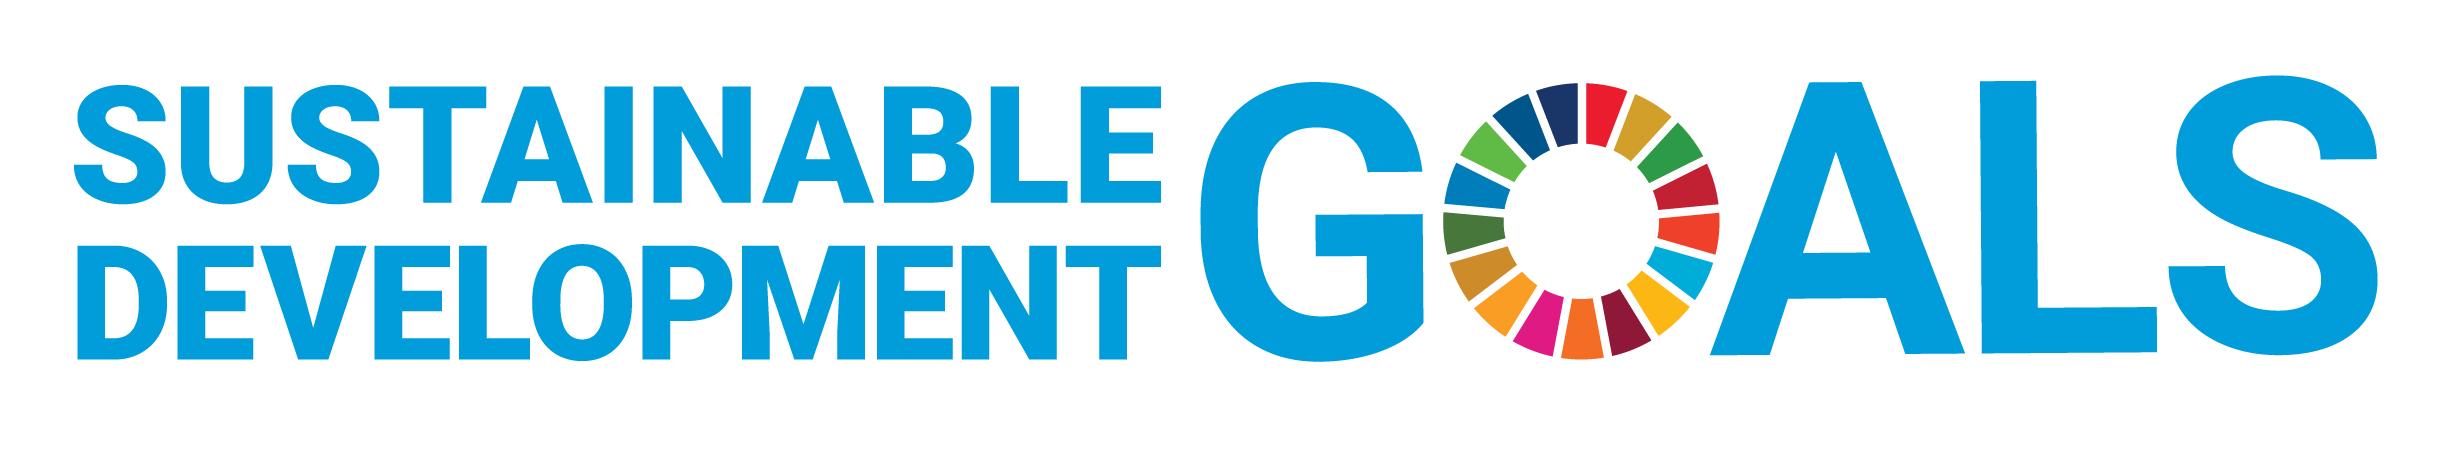 E SDG logo without UN emblem horizontal WEB.png Home